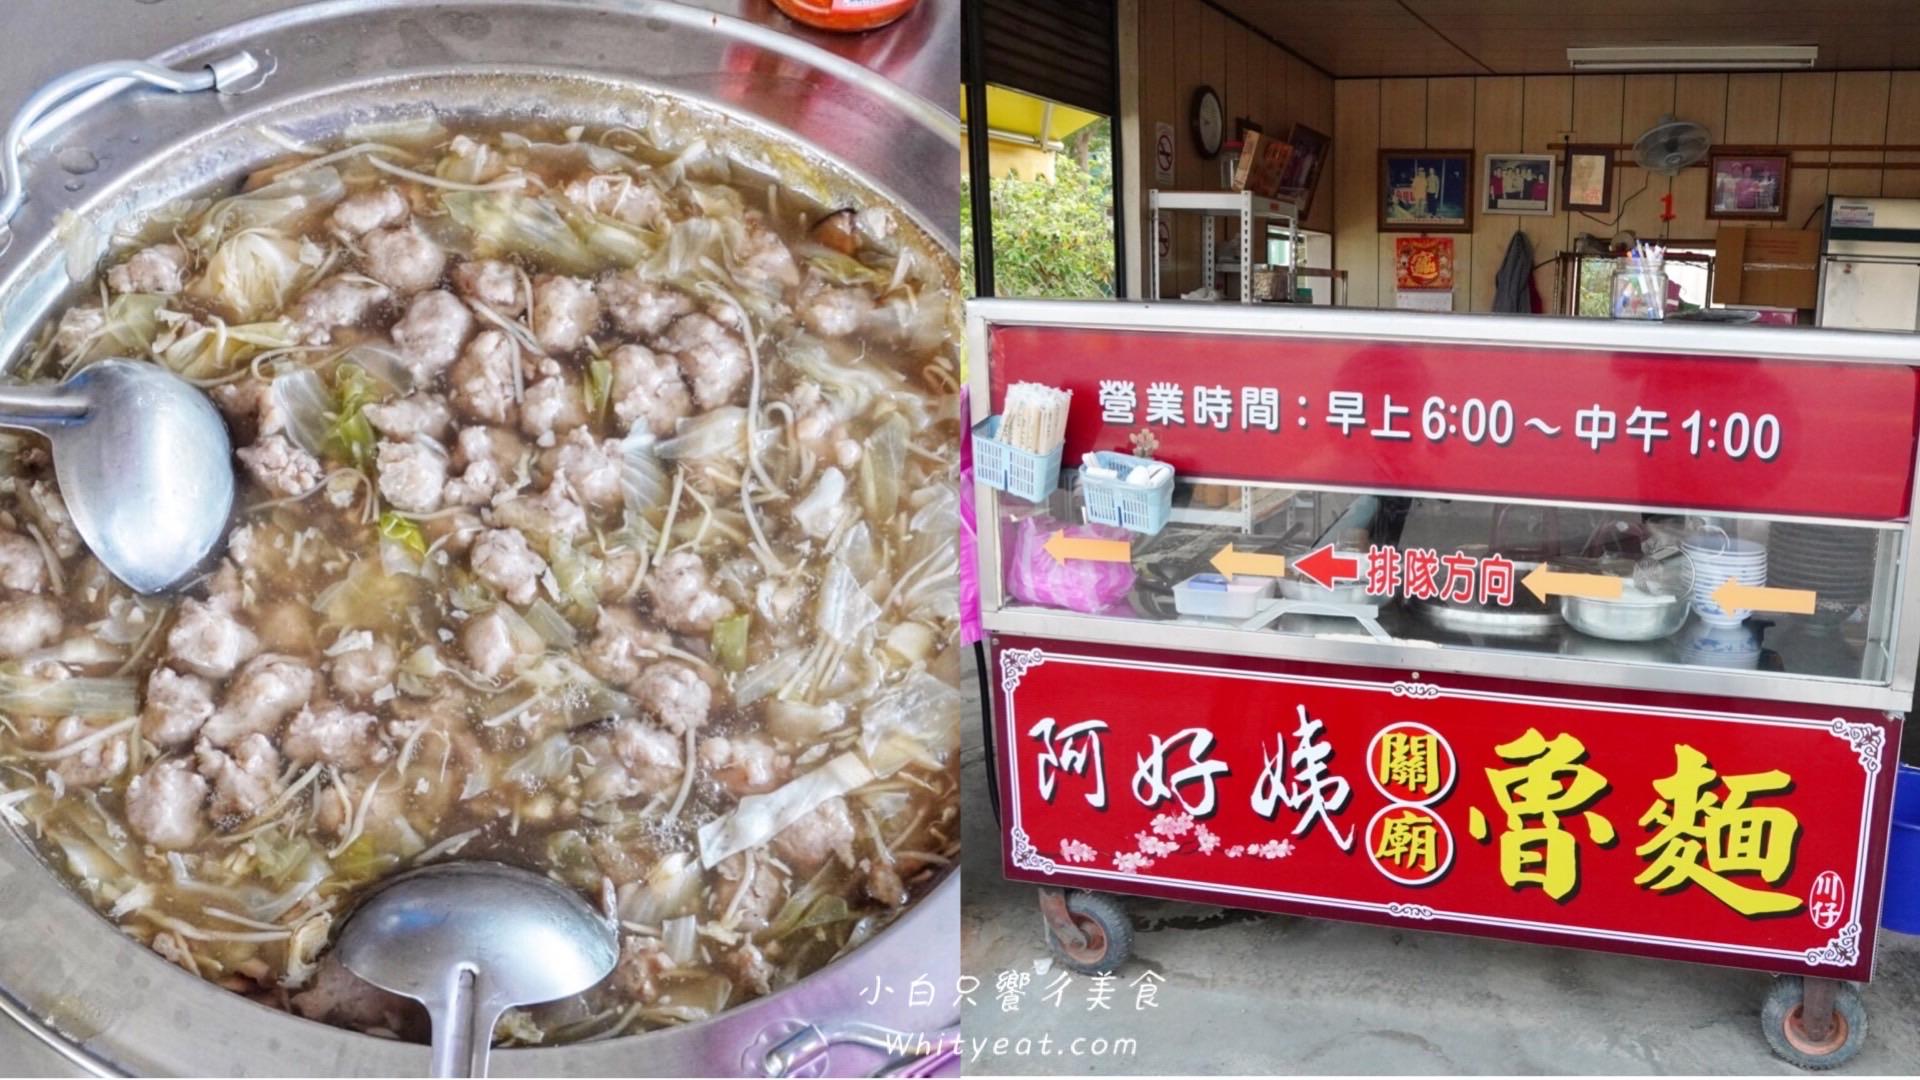 【台南關廟美食】  阿好姨關廟魯麵 來關廟必吃的古早味小吃